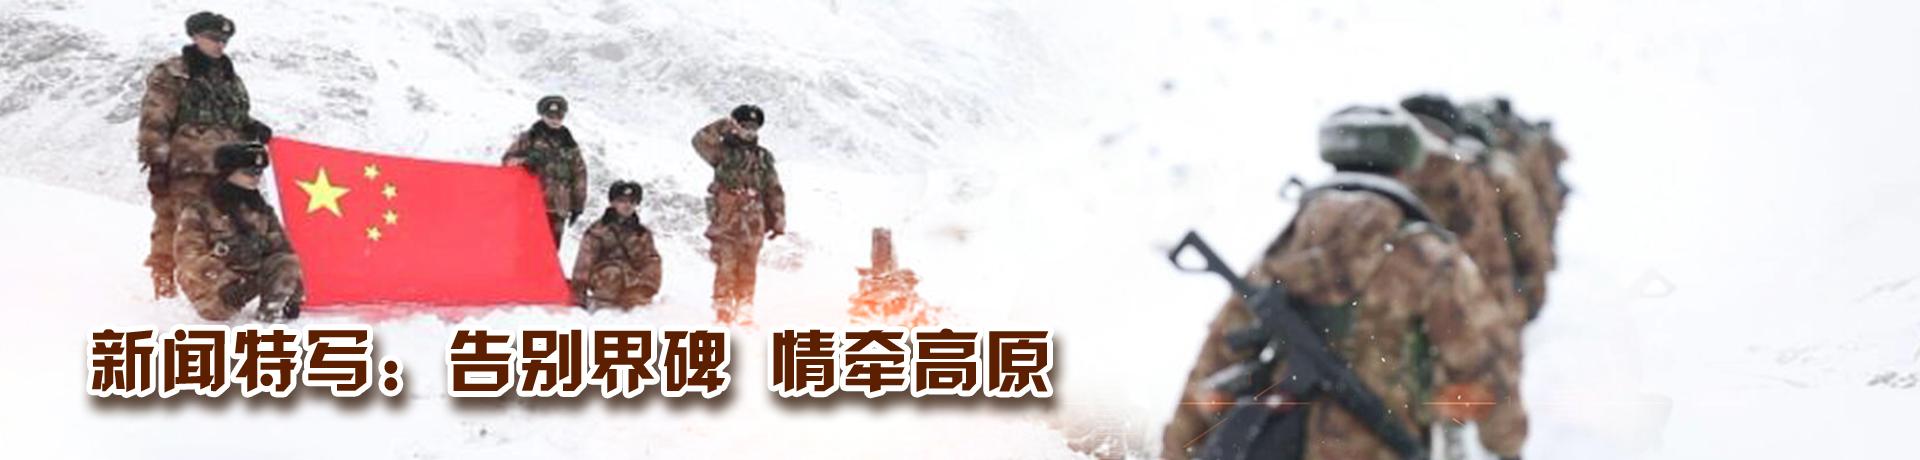 新聞特寫:告別界碑 情牽高原